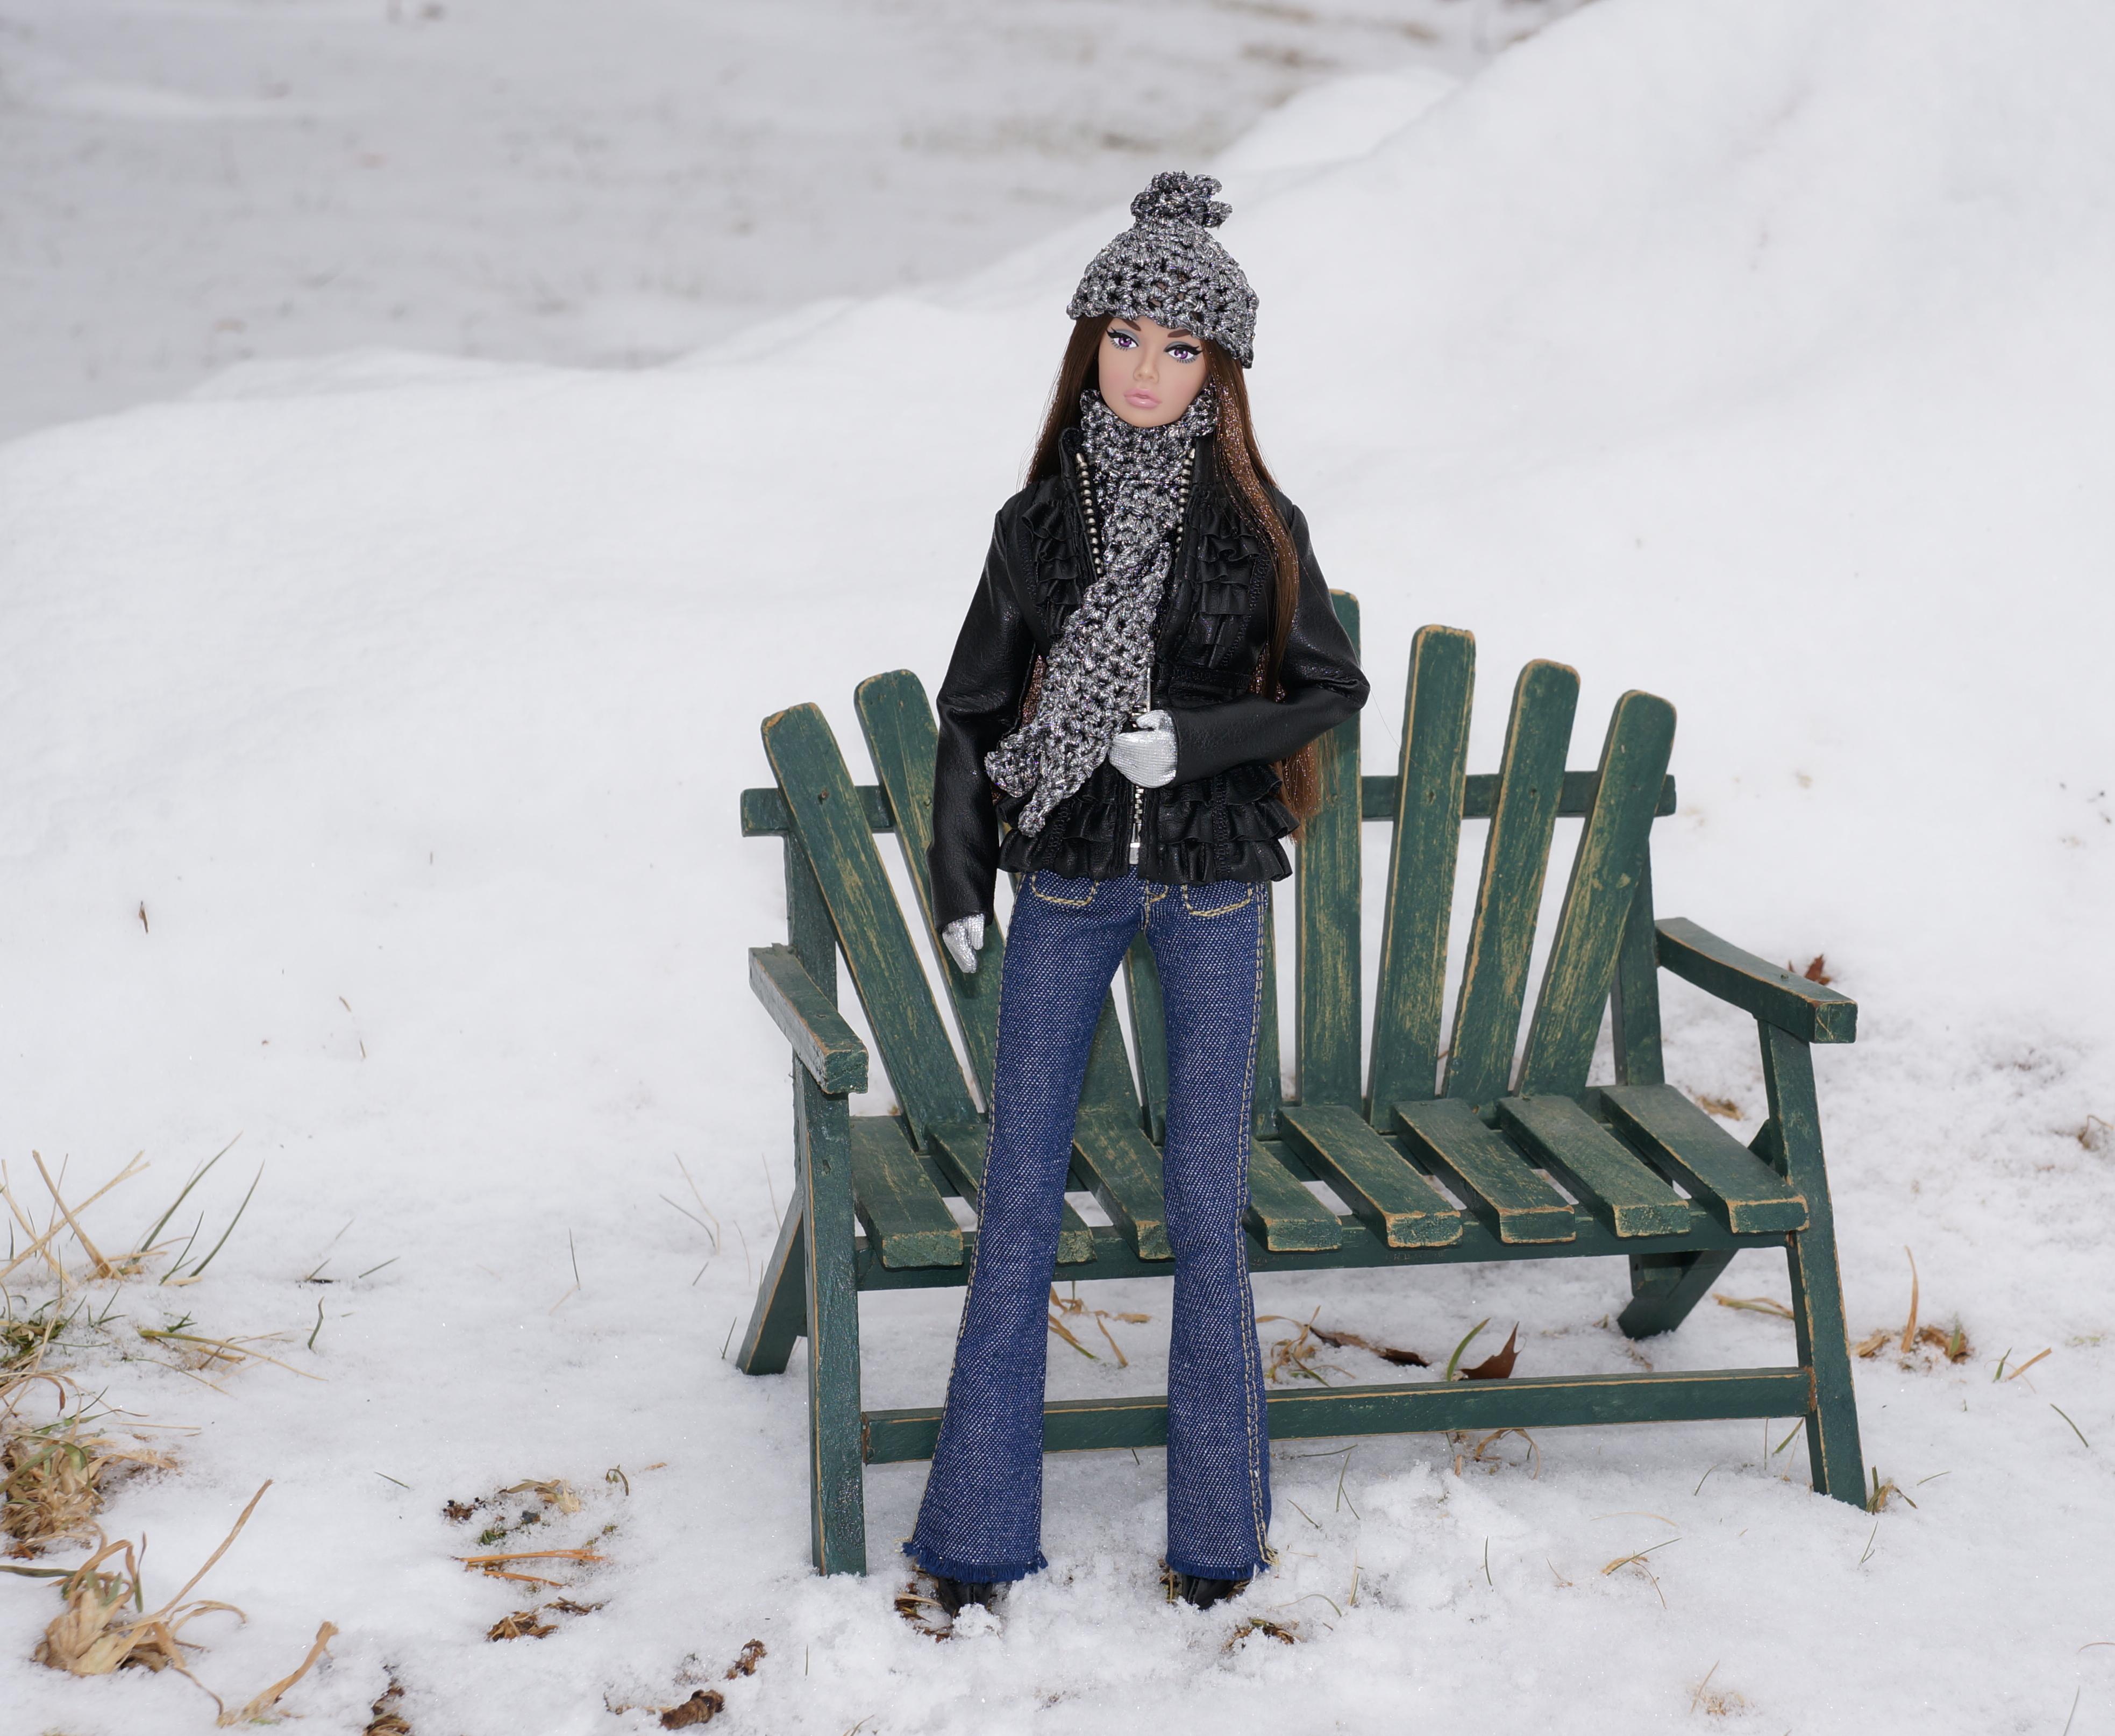 Hintergrundbilder : Spielzeug, Hut, Sitzung, Schnee, Winter, Eis ...